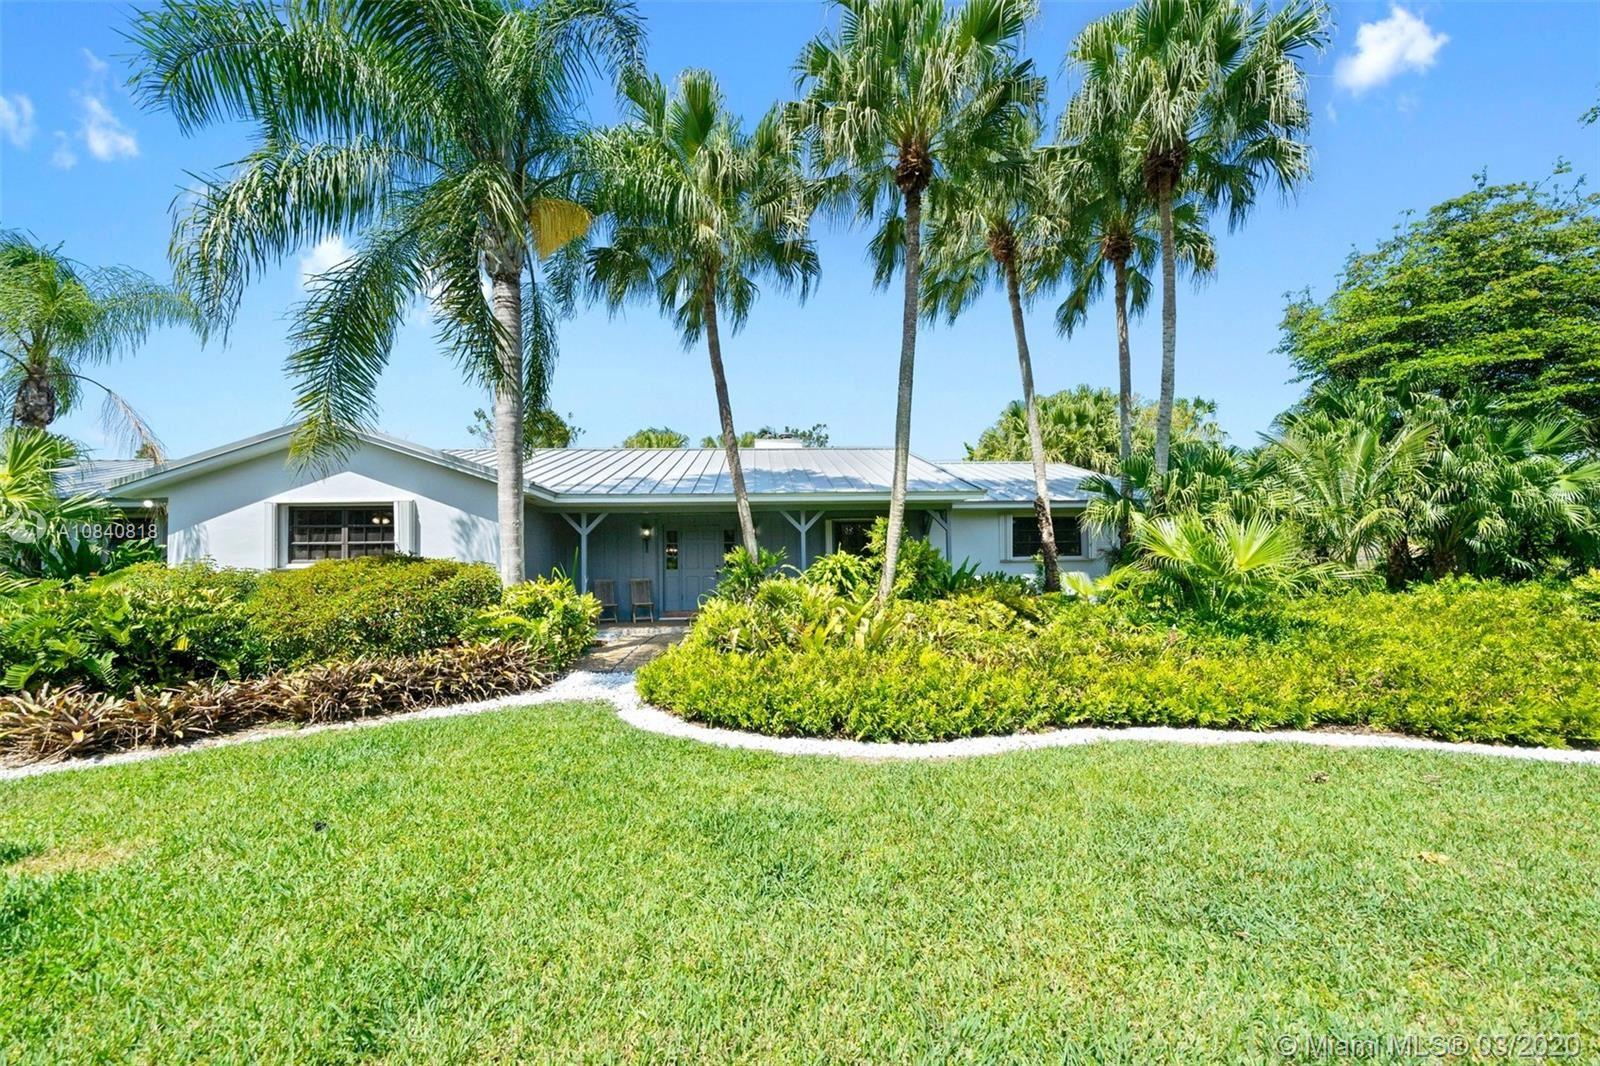 16025 SW 172 St, Miami, FL 33187 - #: A10840818